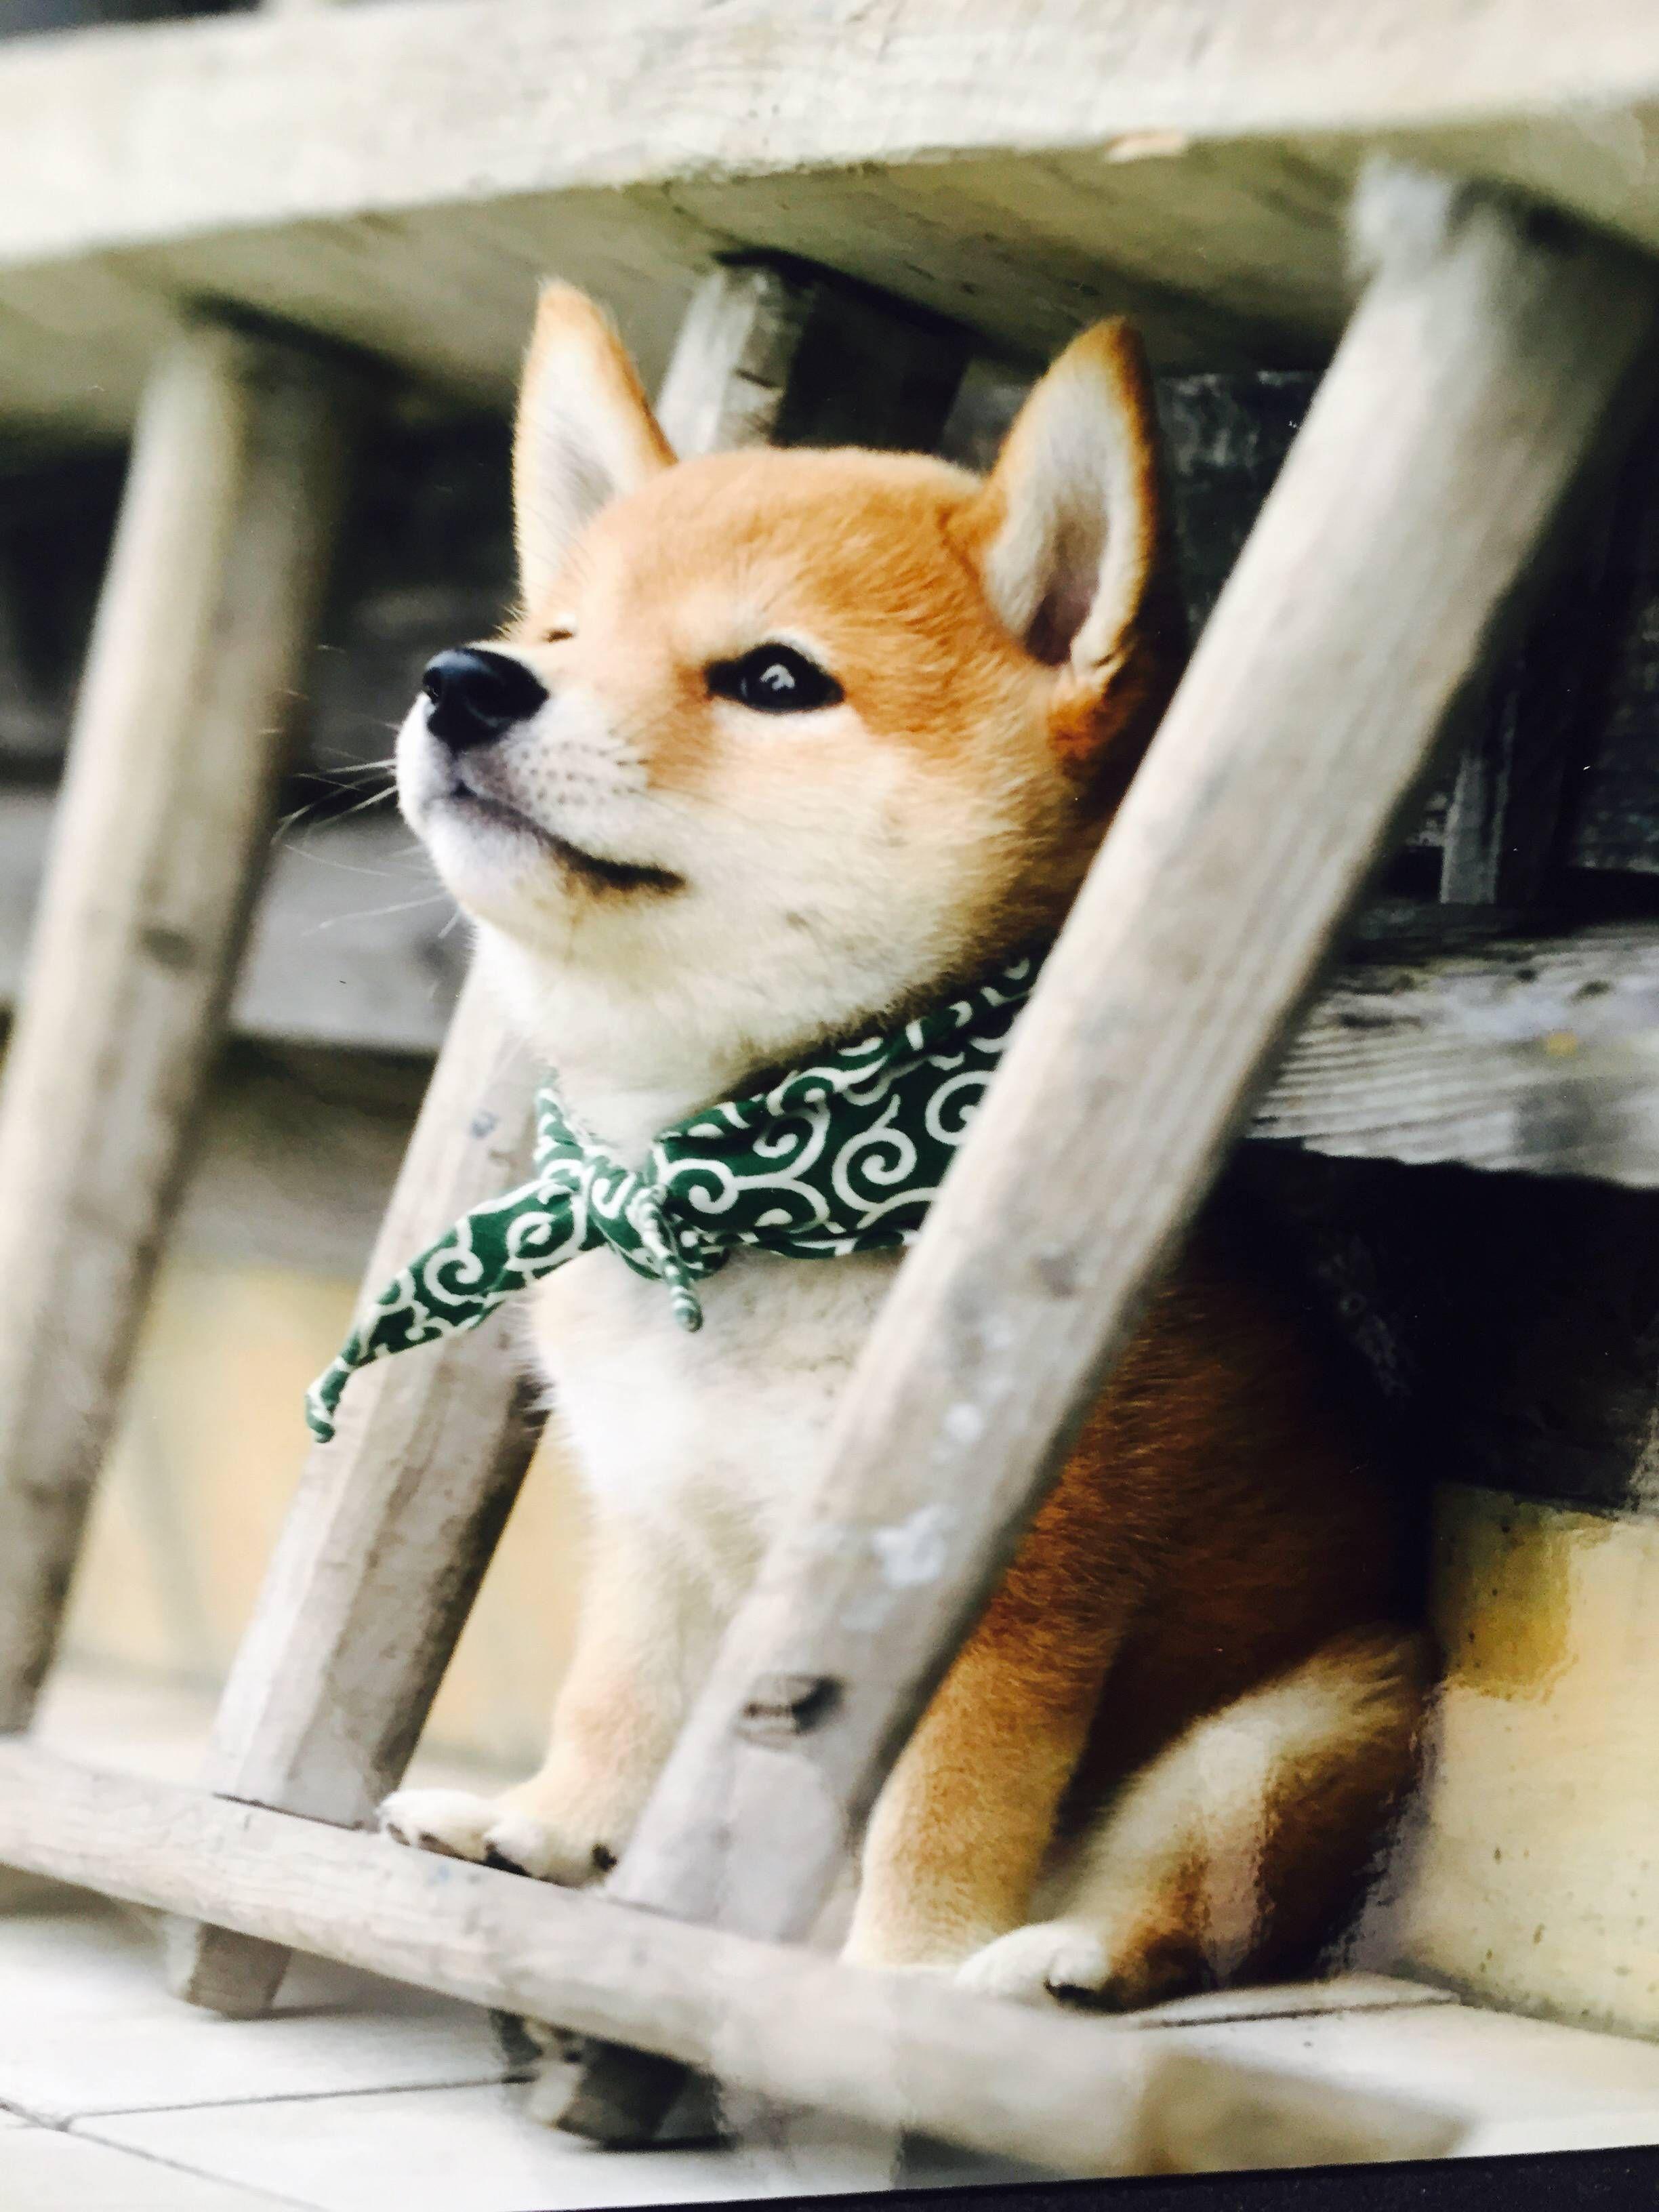 Kampfhunde Rassen Übersicht Bilder Für Facebook - Kampfhunde Rassen Übersicht Bilder Für Facebook